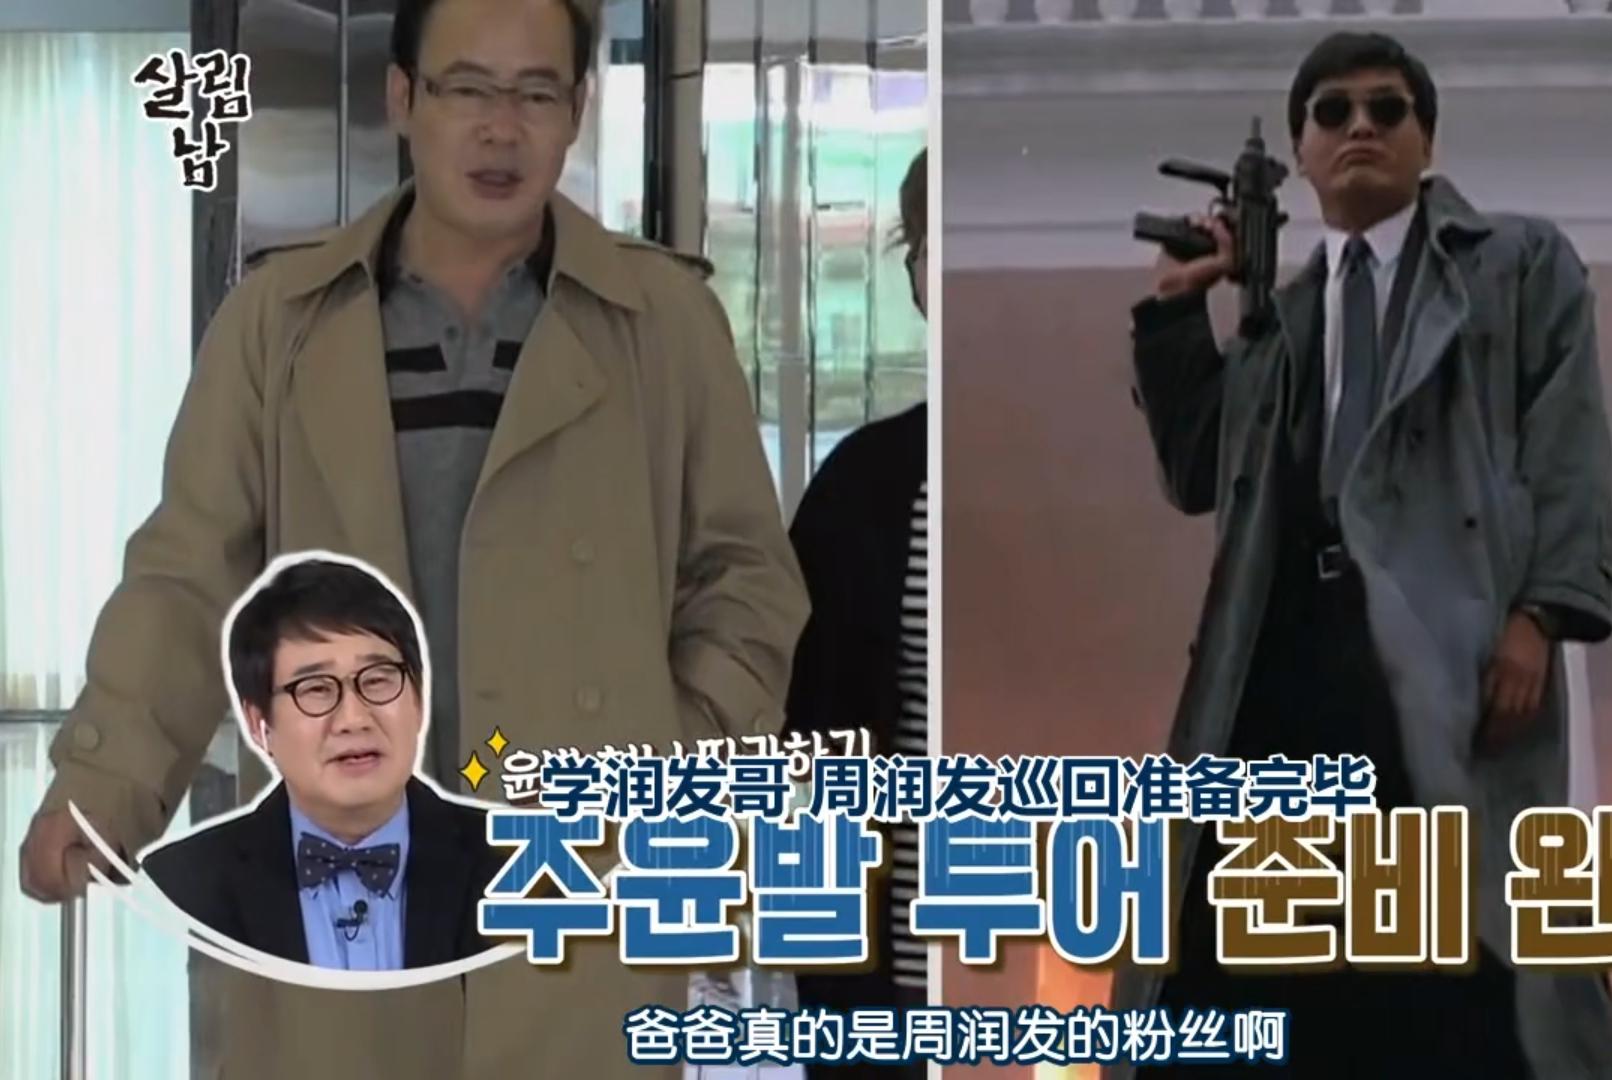 崔珉焕一家游香港,爸爸模仿周润发穿风衣,火柴棍用棒棒糖替代!